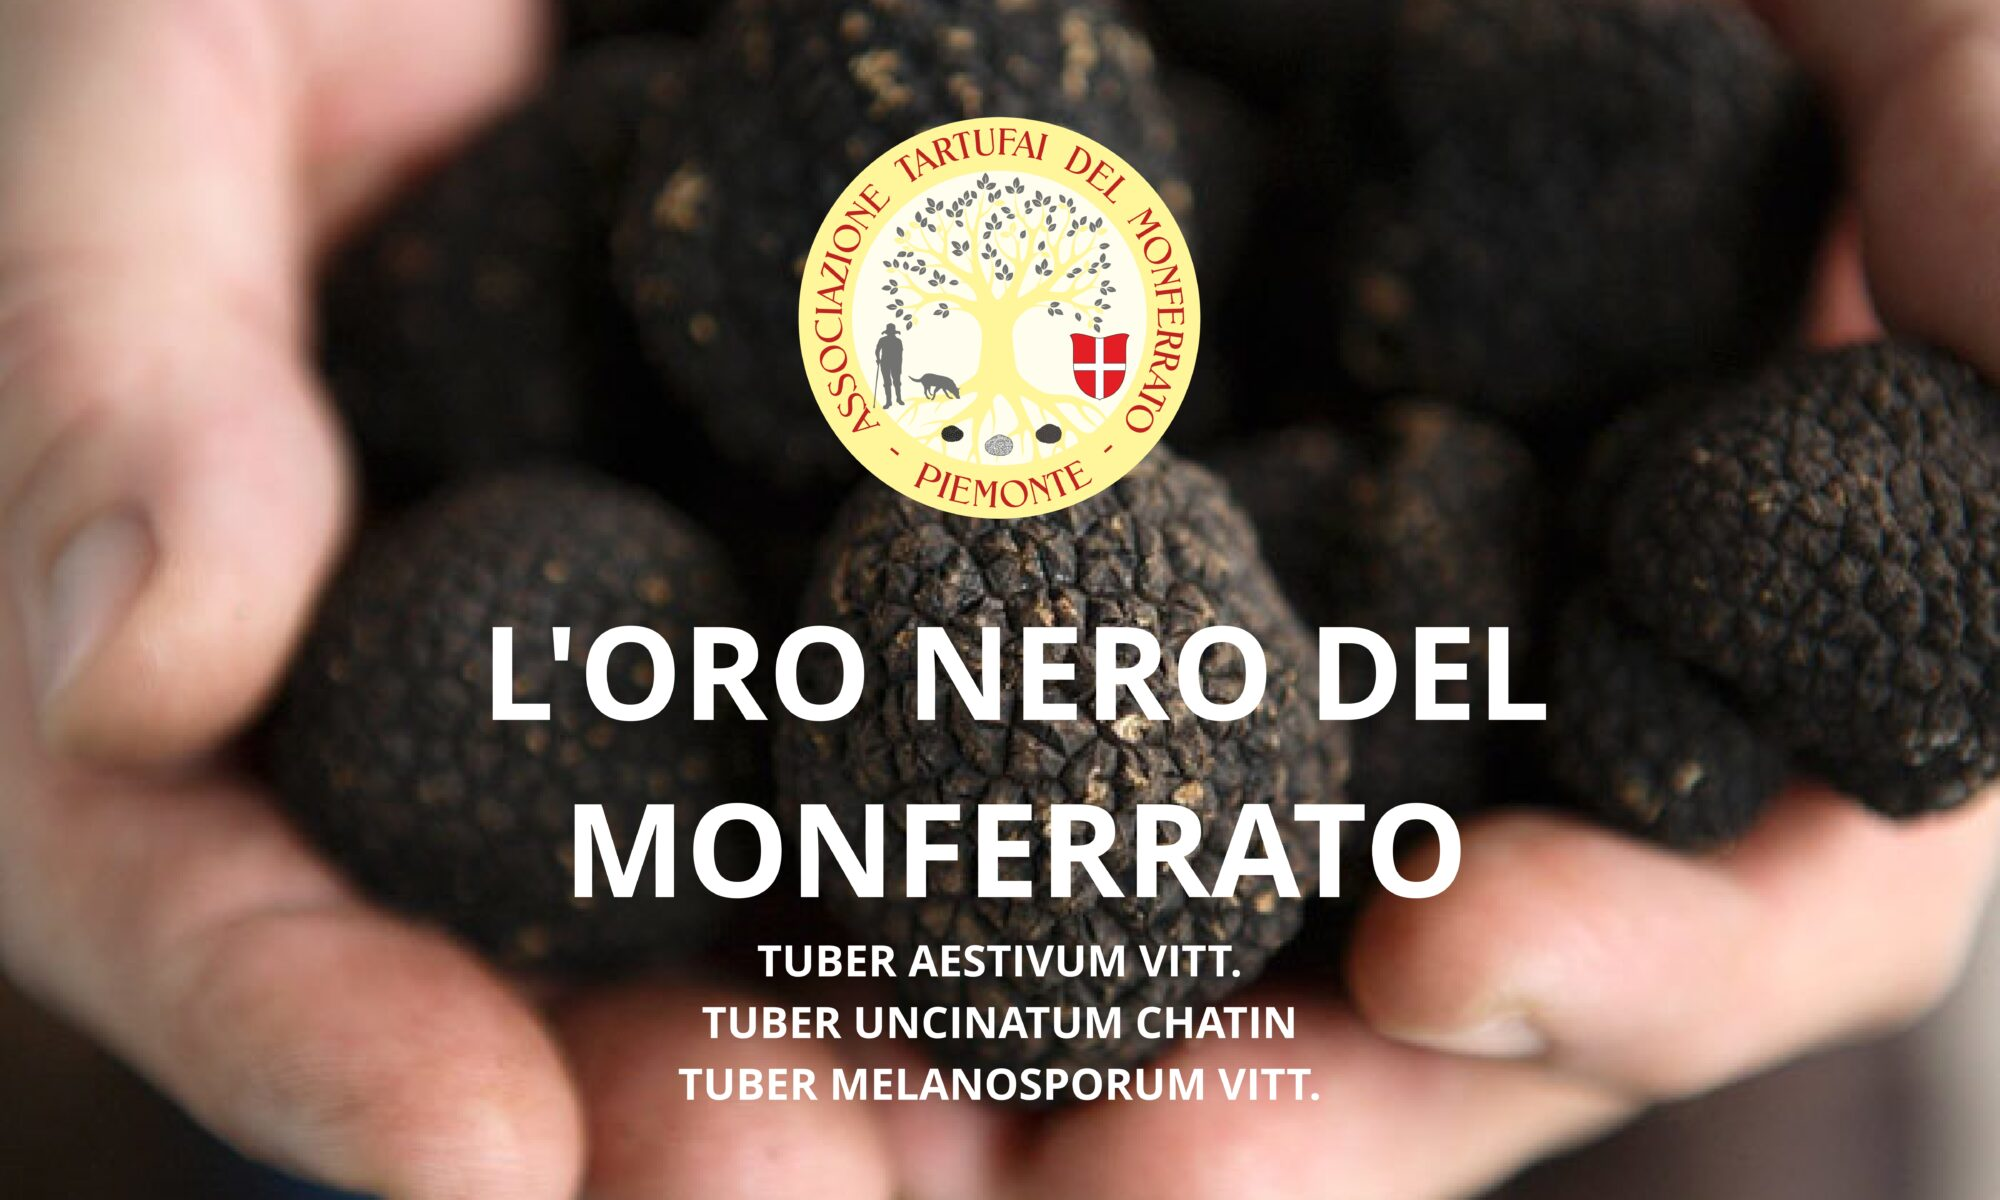 Associazione Tartufai del Monferrato Piemonte